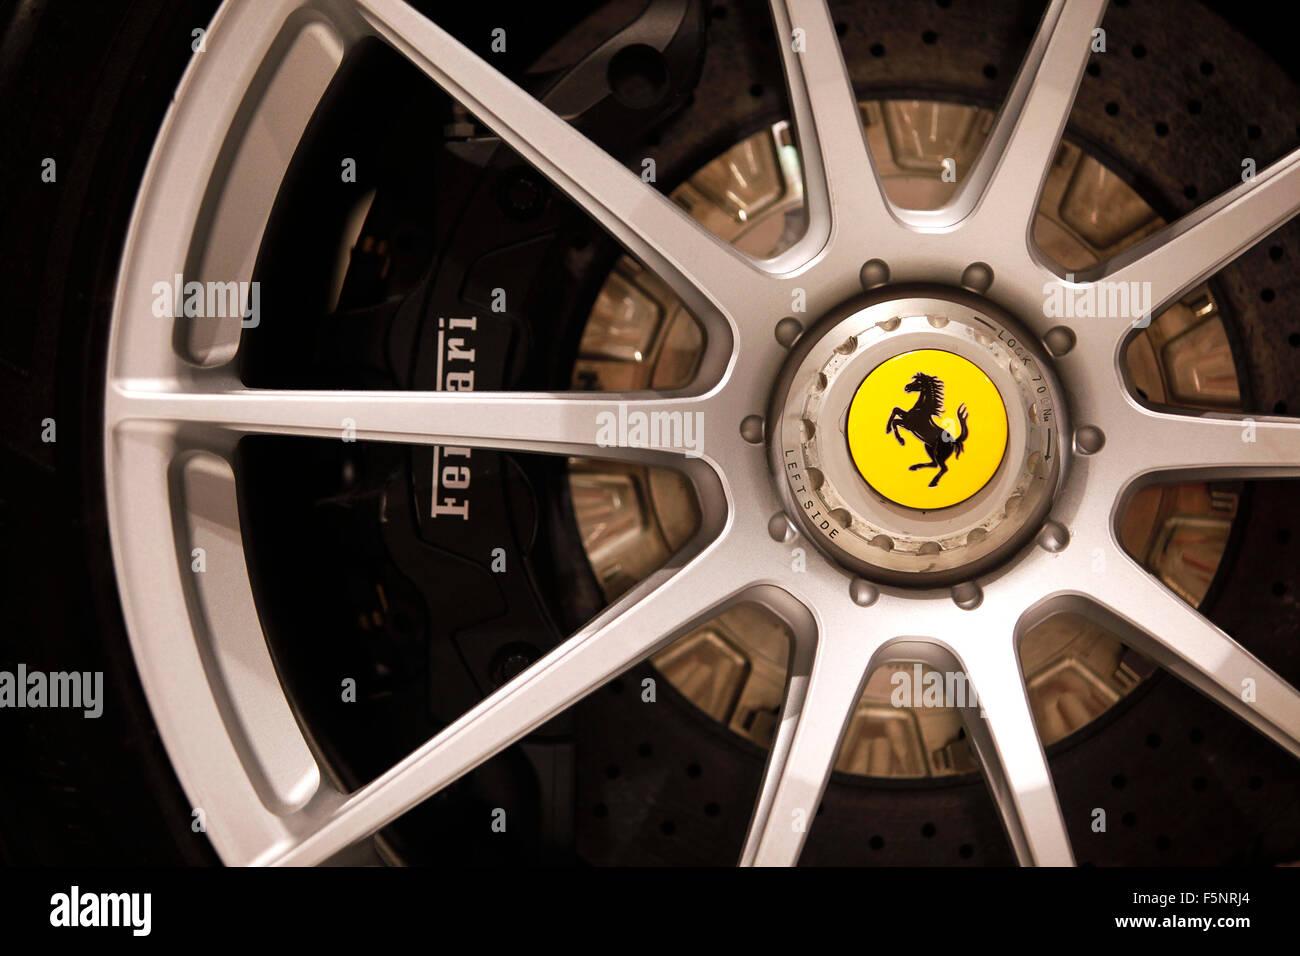 Détail de roues en alliage d'une Ferrari FXXK (2014) au Musée Ferrari à Maranello, Italie. Photo Stock